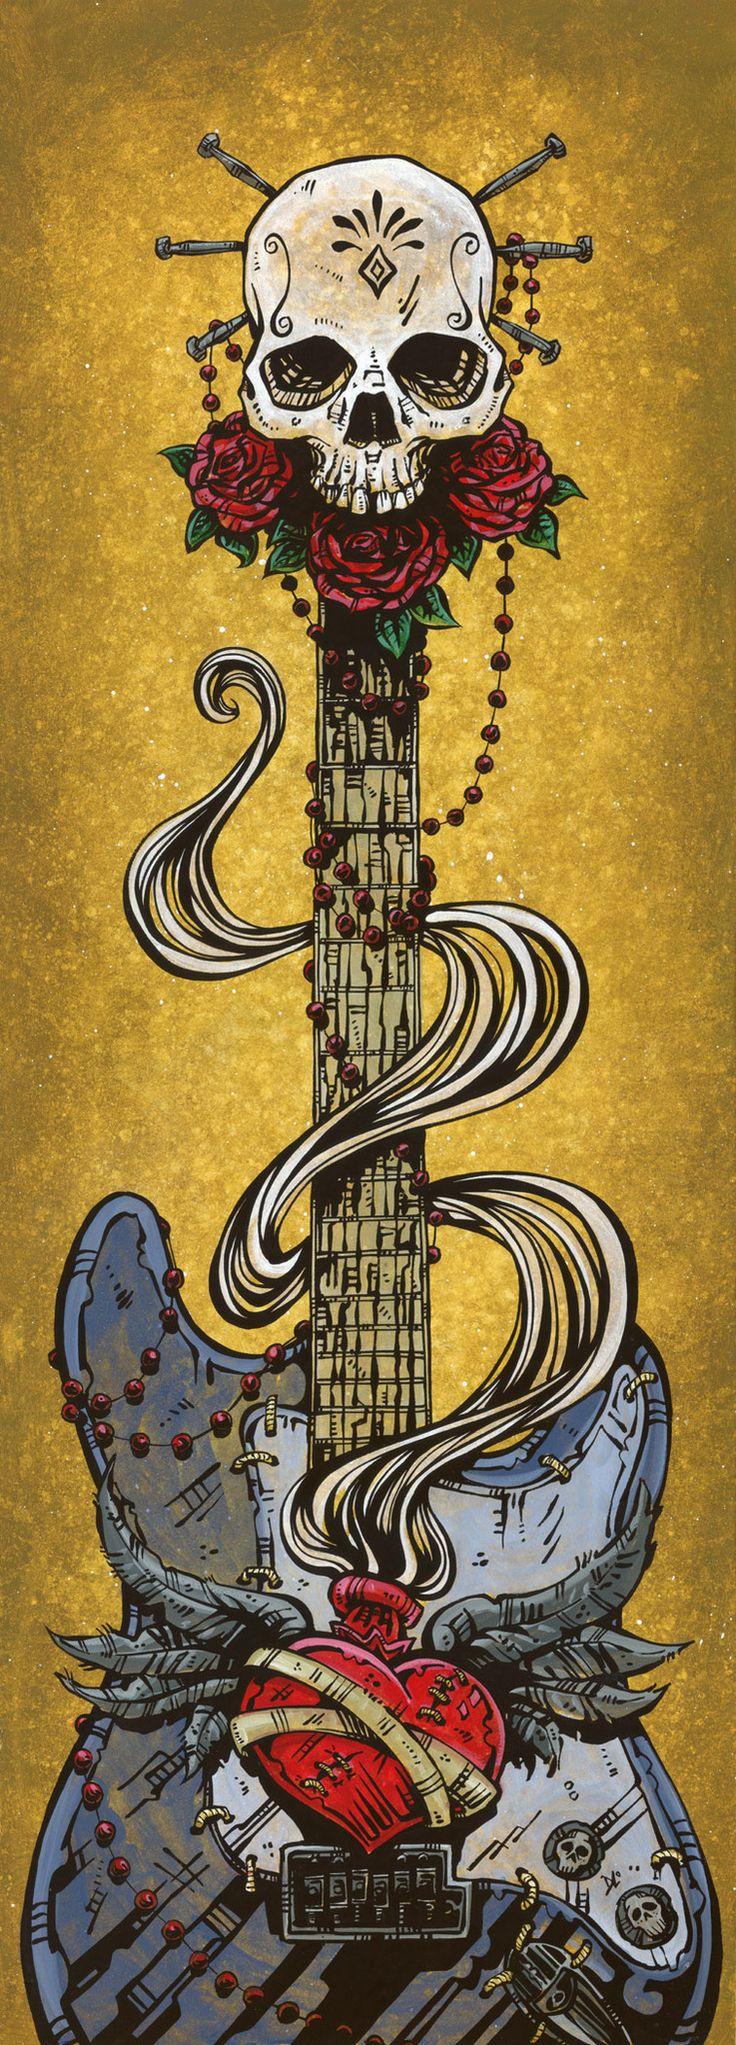 Day of the Dead Artist David Lozeau, Day of the Dead Strat, David Lozeau Dia de los Muertos Art - 1